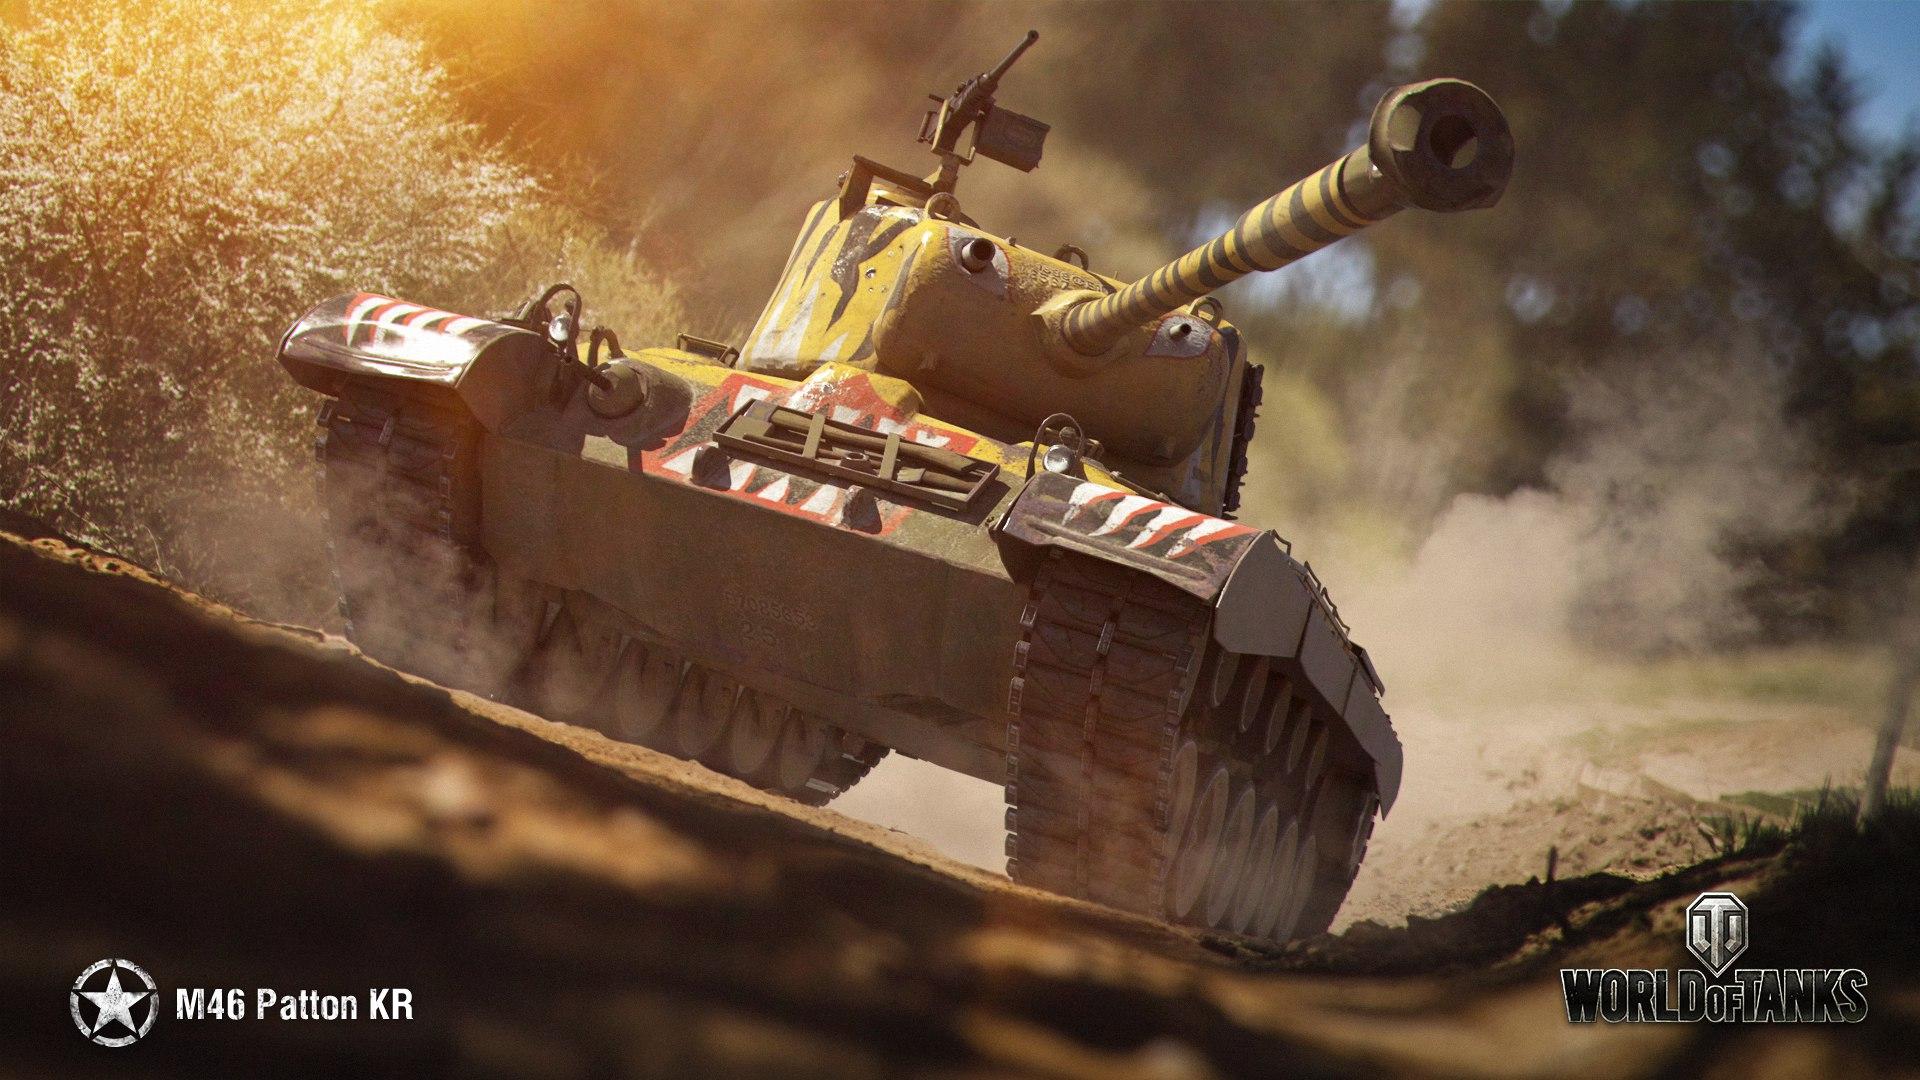 рисунок M46 Patton KR